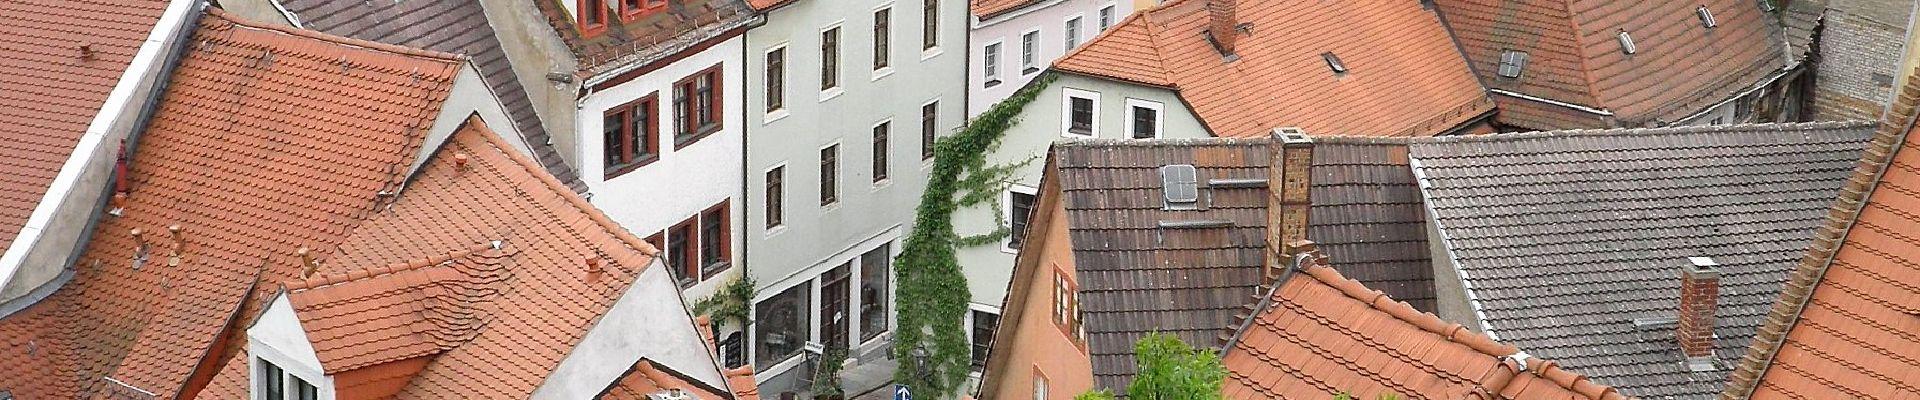 Rund ums Dachdeckerhandwerk